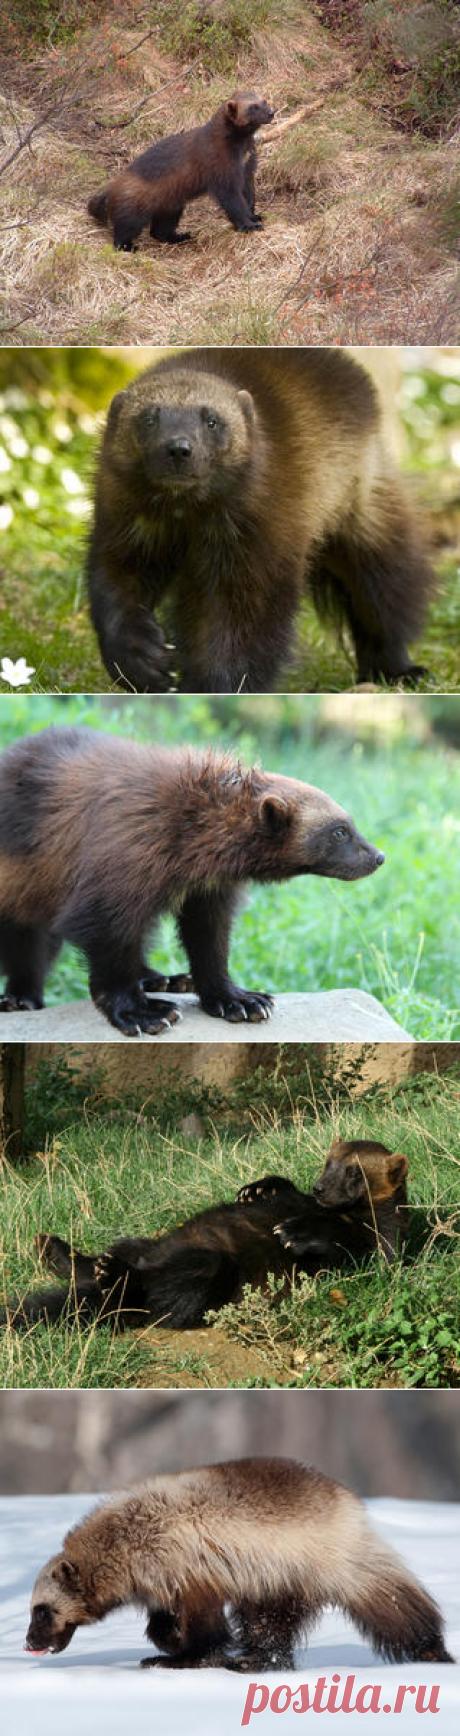 Смотреть изображения росомах | Зооляндия